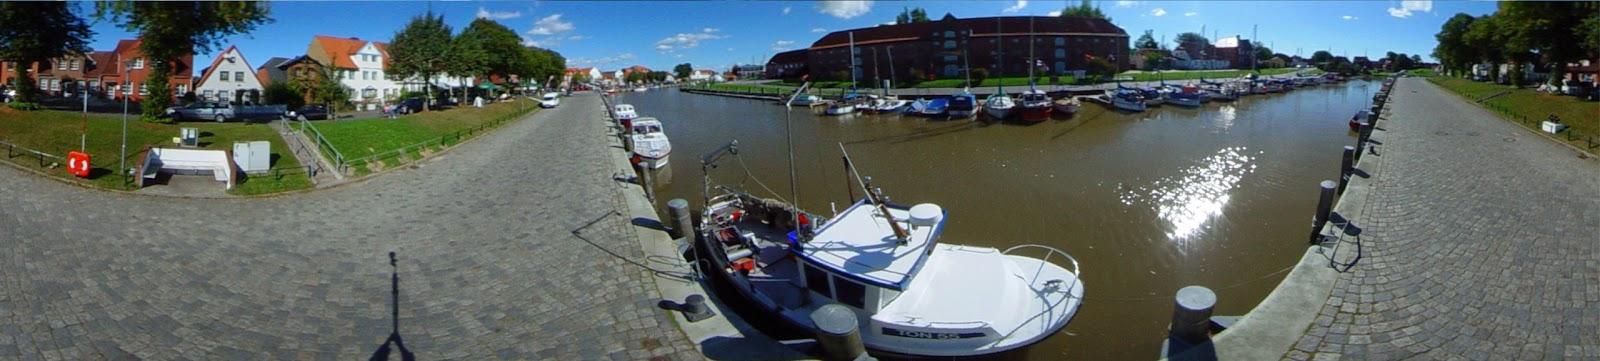 Panoramafoto historischer Hafen Tönning